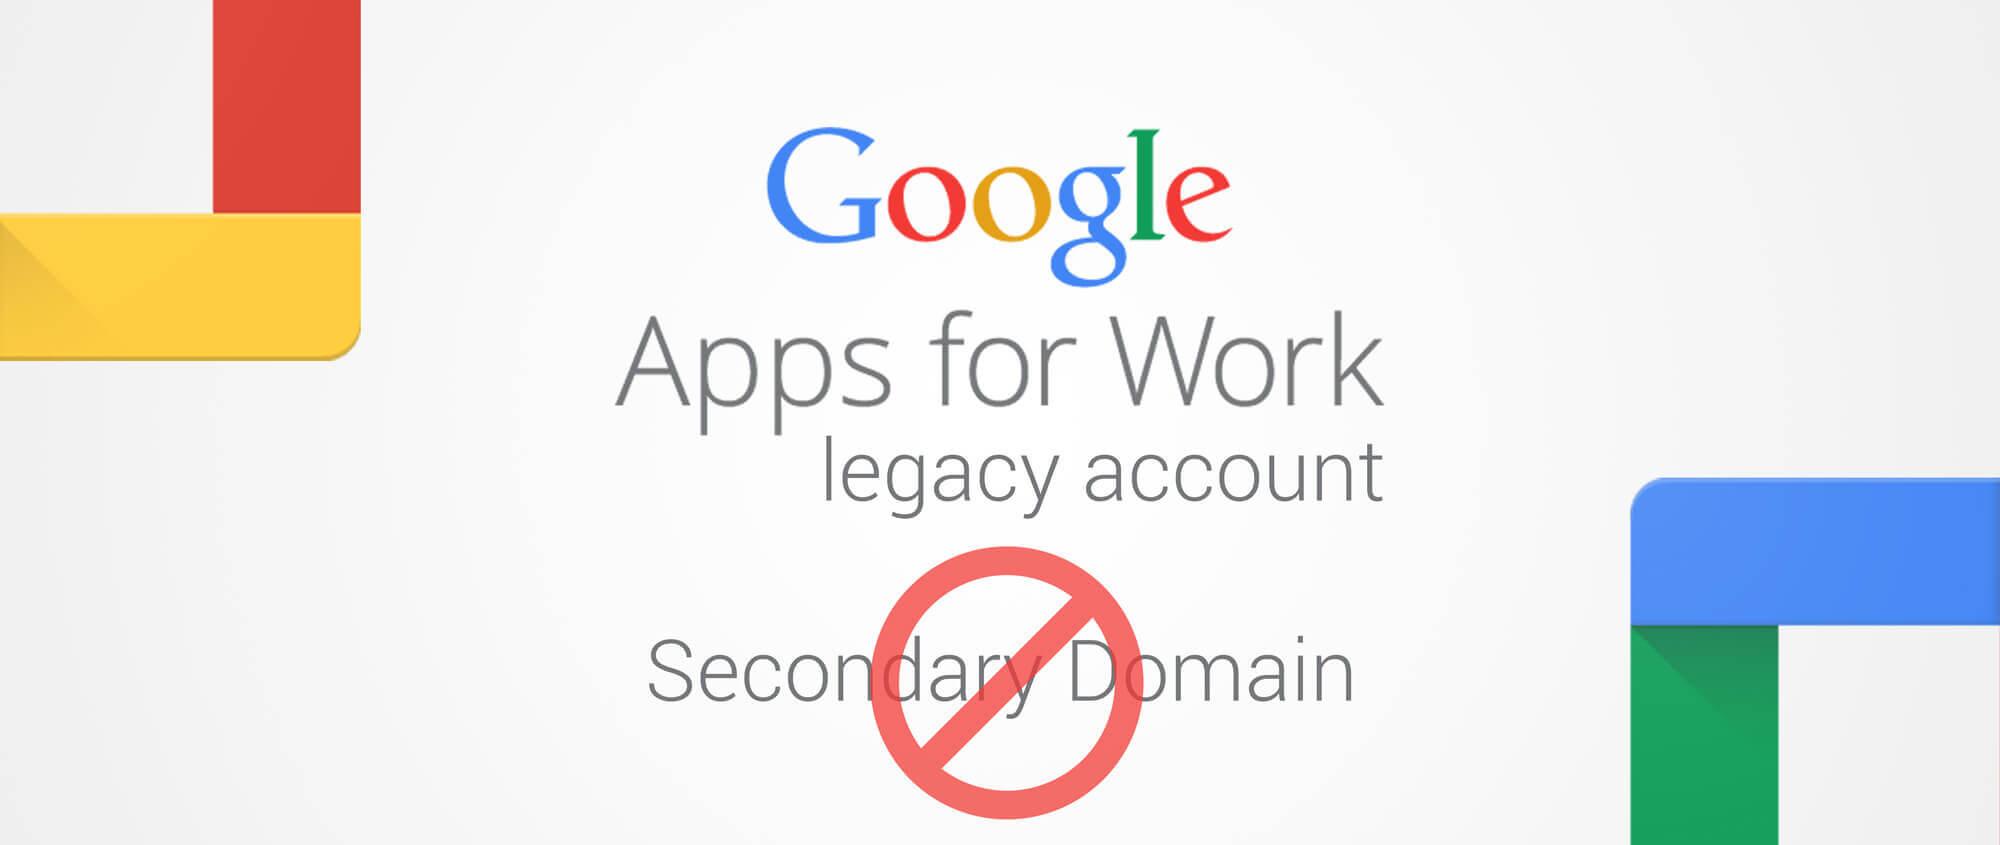 Đăng ký email Google Apps Free - Rủi ro tiềm ẩn